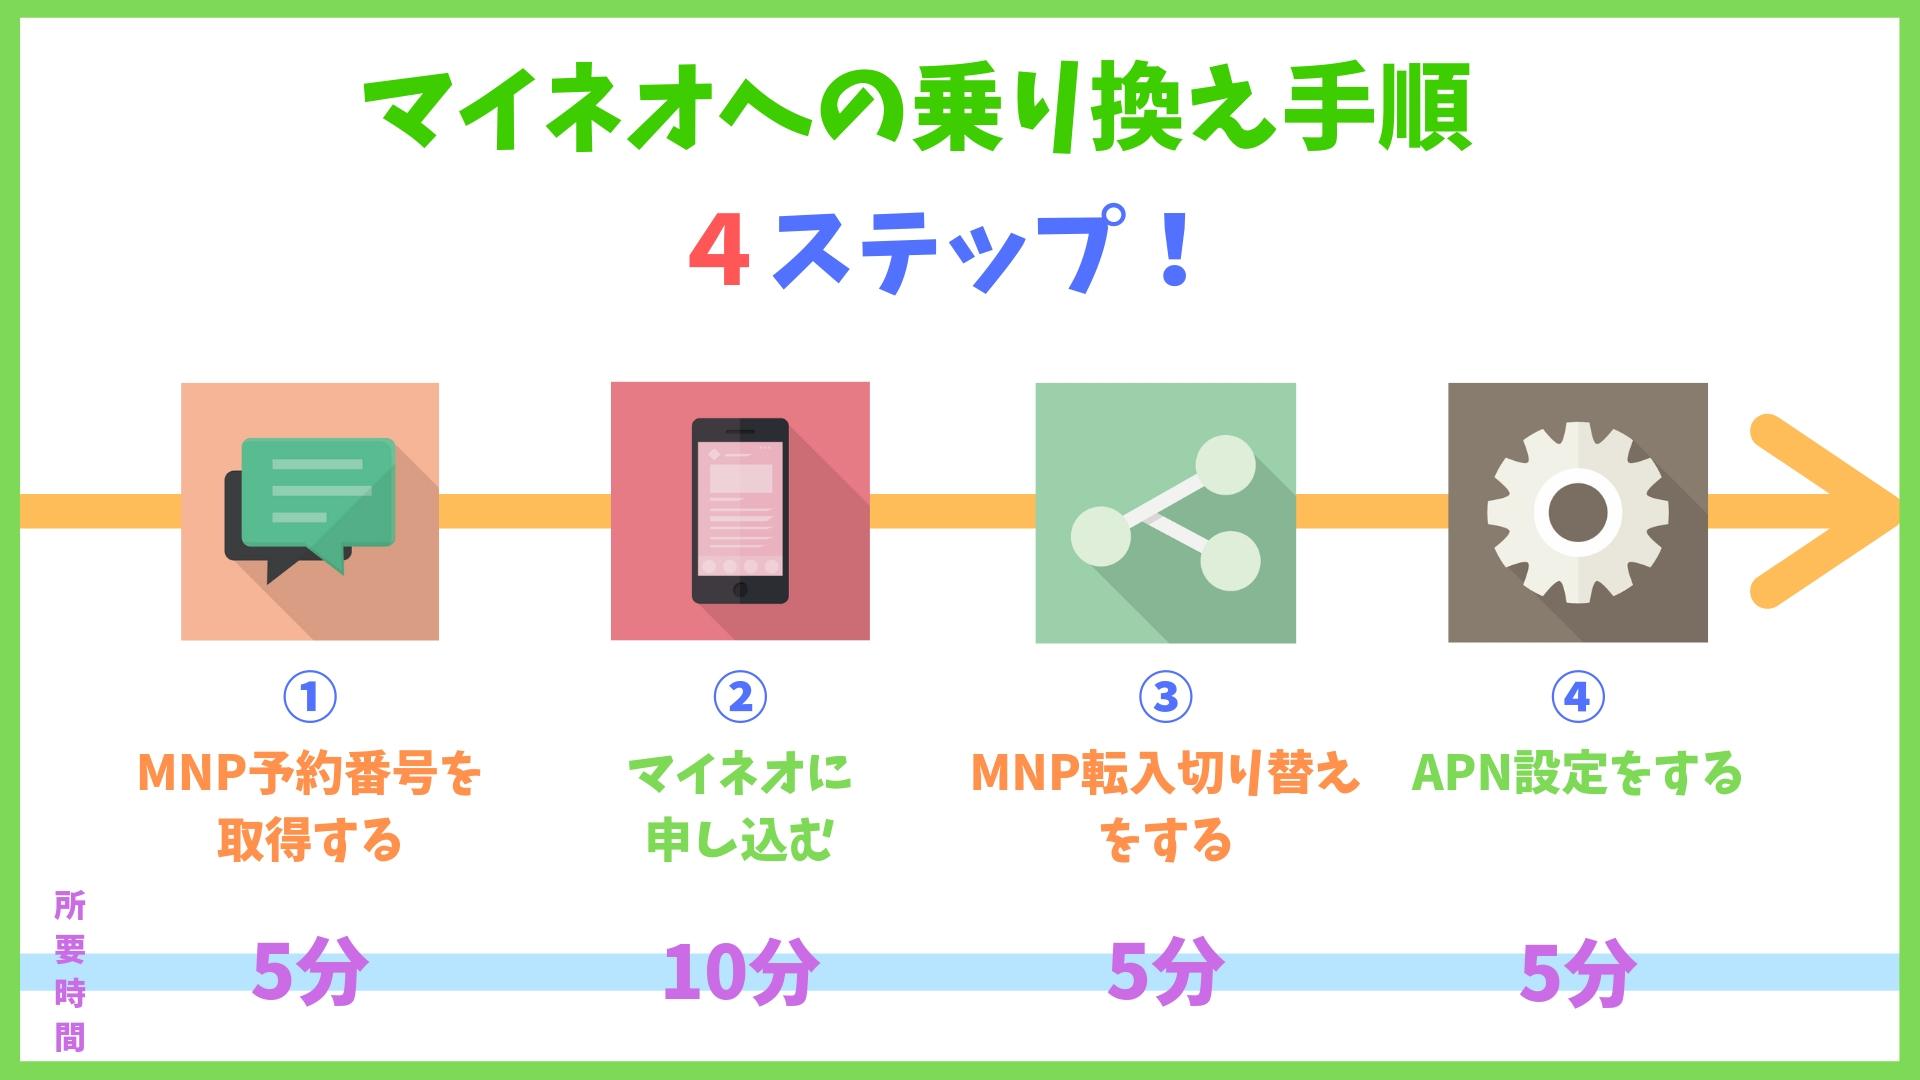 mineo(マイネオ)の乗り換え(MNP)方法